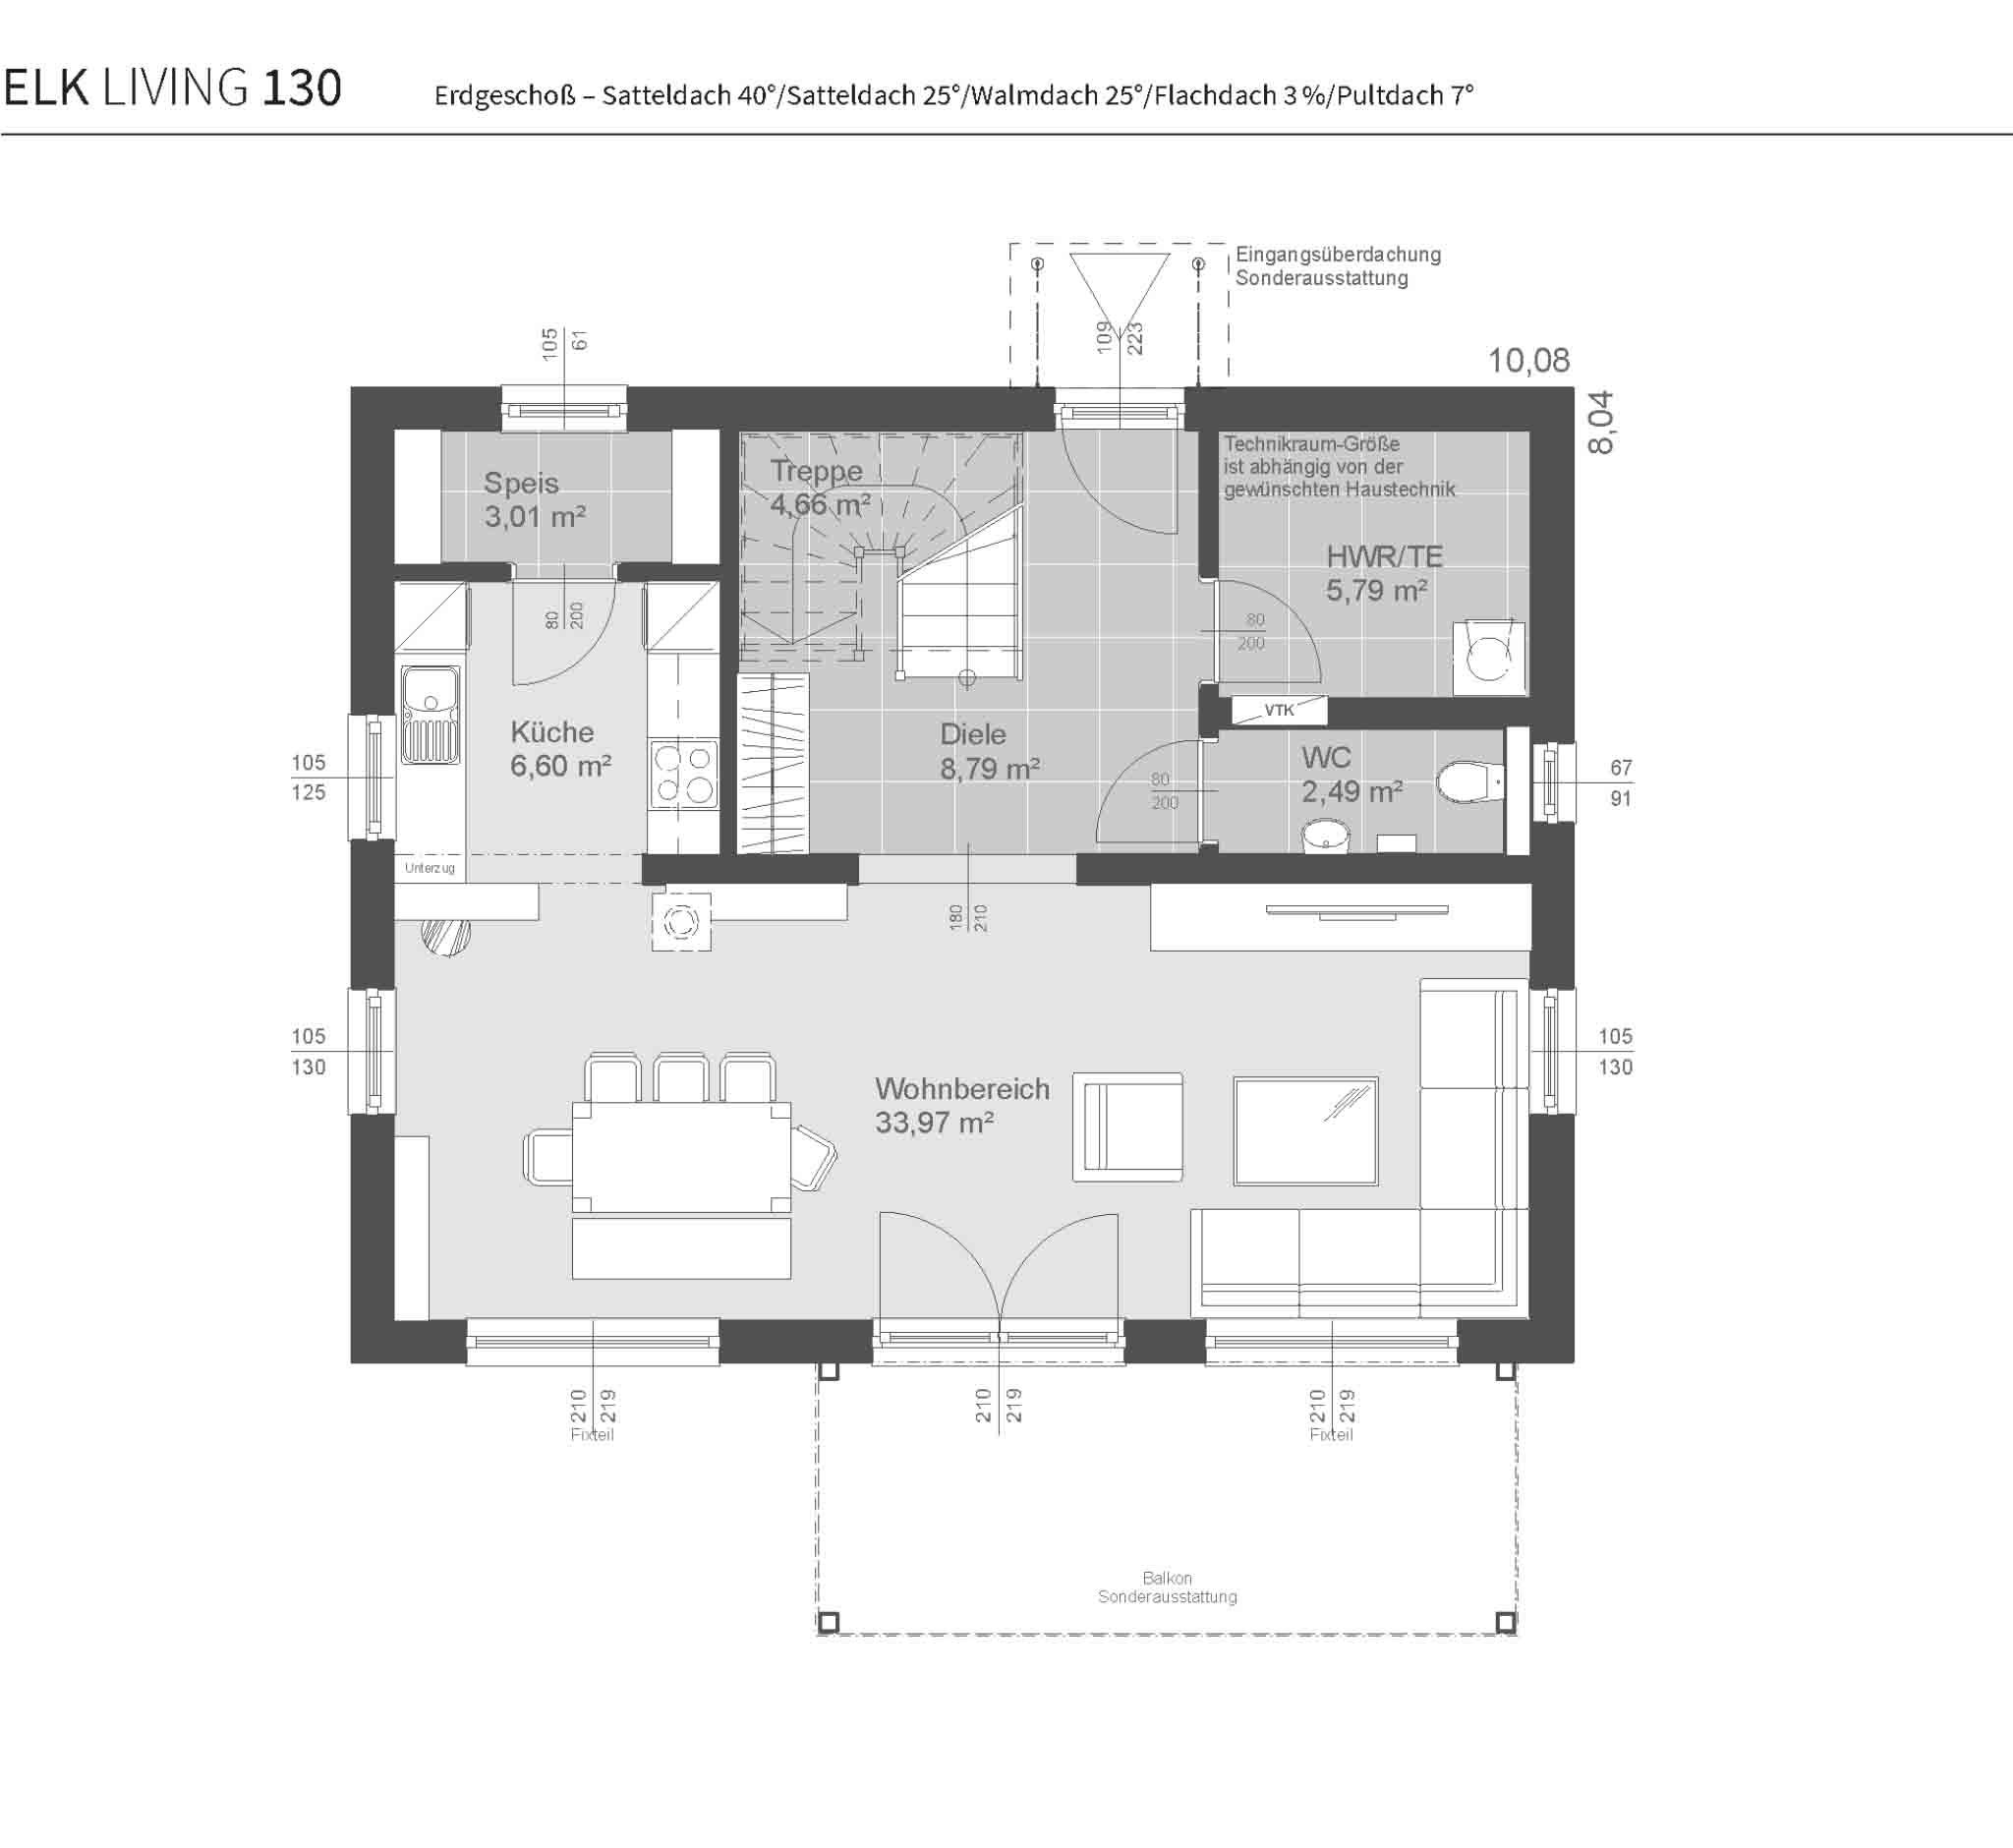 grundriss-fertighaus-elk-living-130-erdgeschoss-satteldach40-satteldach25-walmdach25-flachdach3-pultdach7